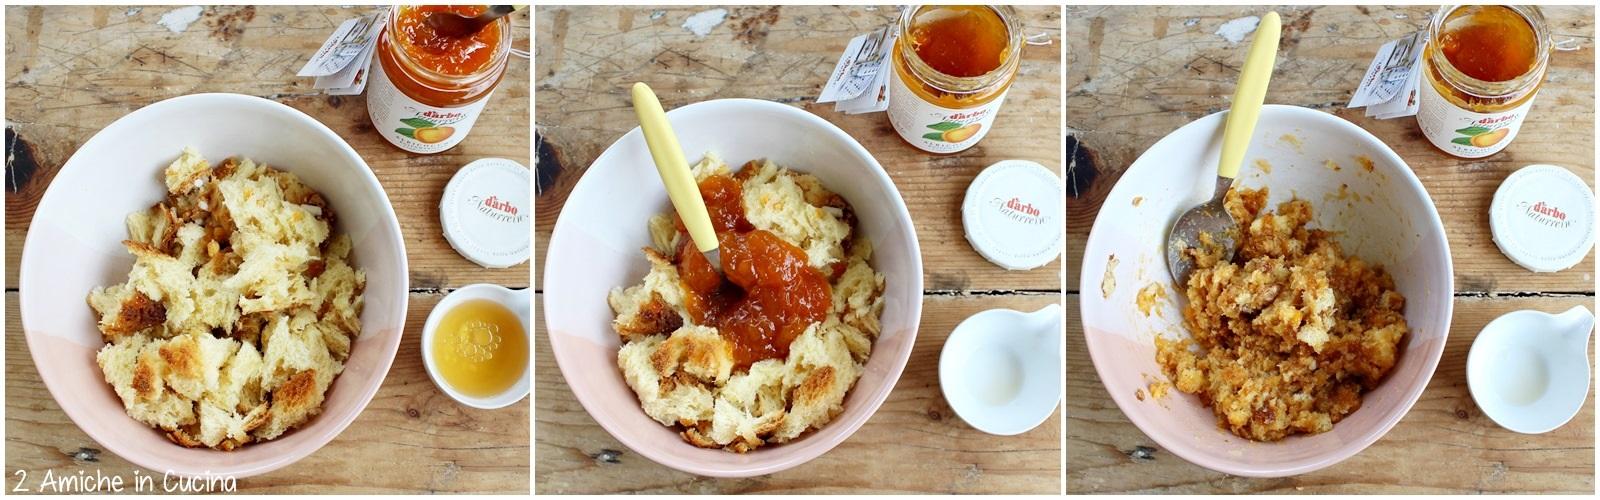 Crostata con confettura di albicocche e colomba passo passo